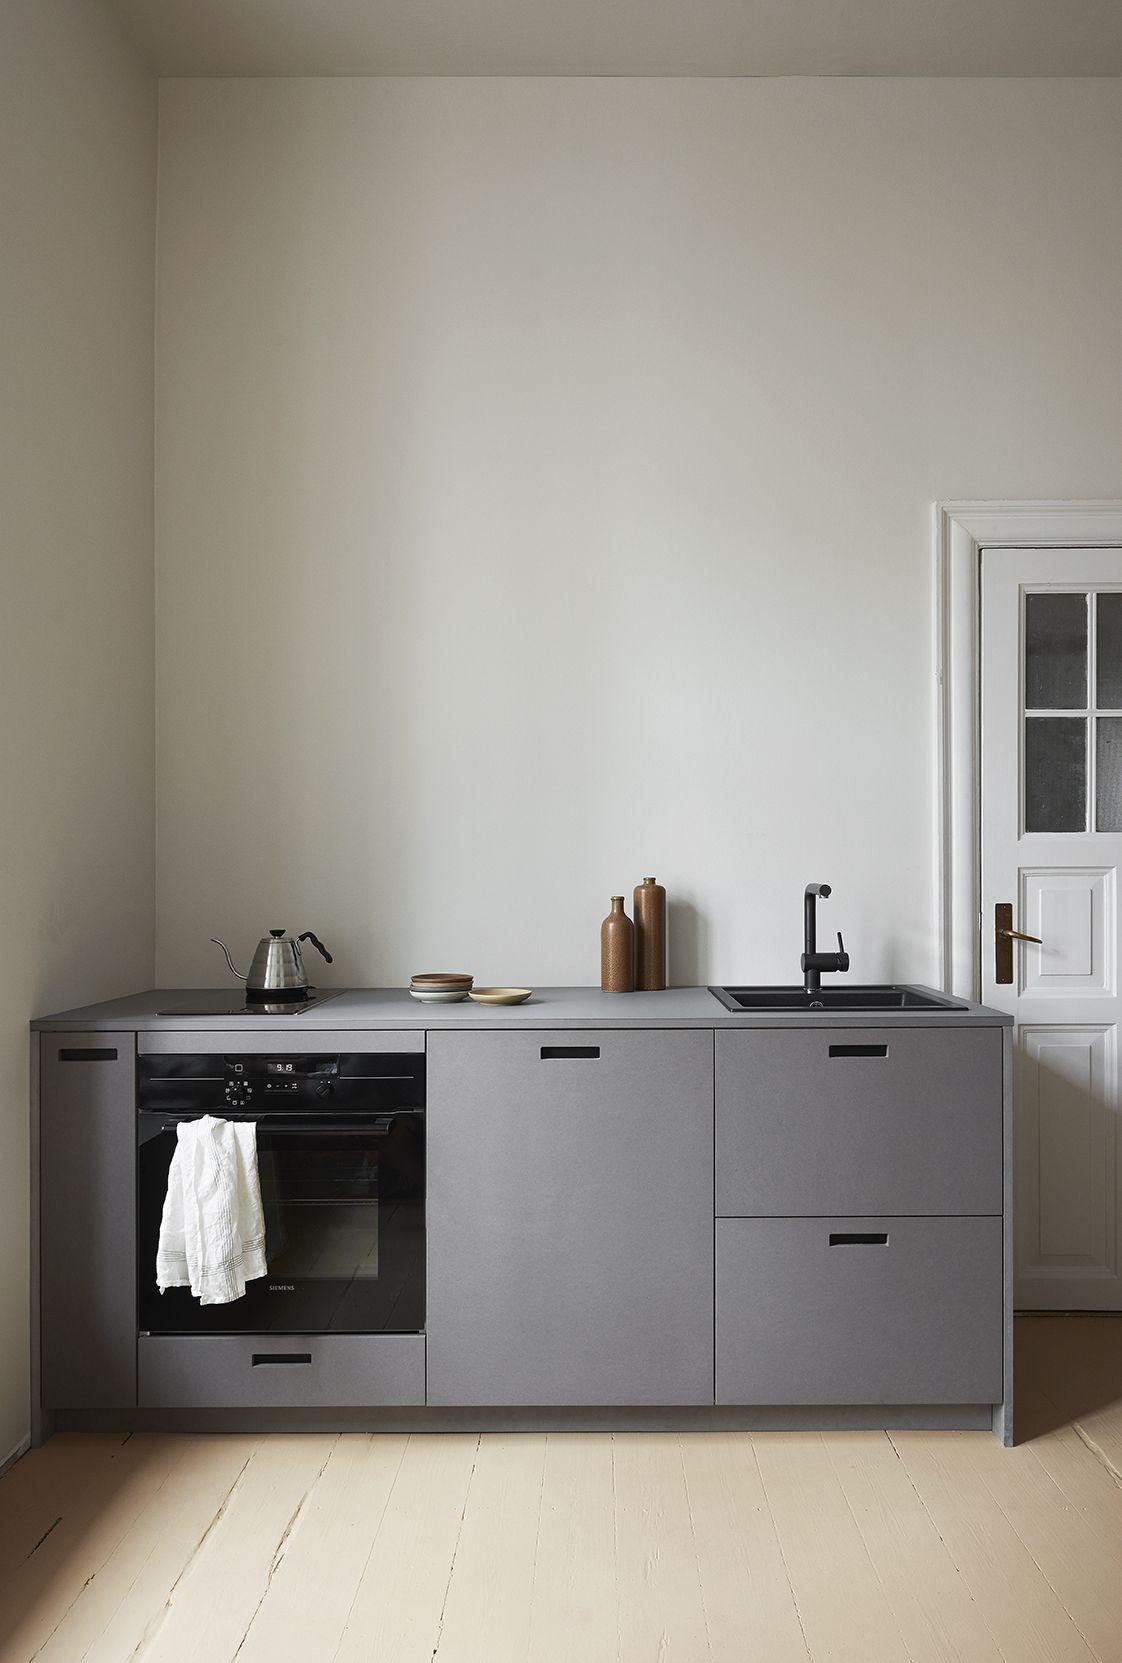 Full Size of Küche Selber Bauen Ikea Pin Von Striving For Improvement Auf A L K In 2020 Kleine Mit Geräten Bank Bett 180x200 Nolte Wasserhahn Für Vinylboden Niederdruck Wohnzimmer Küche Selber Bauen Ikea